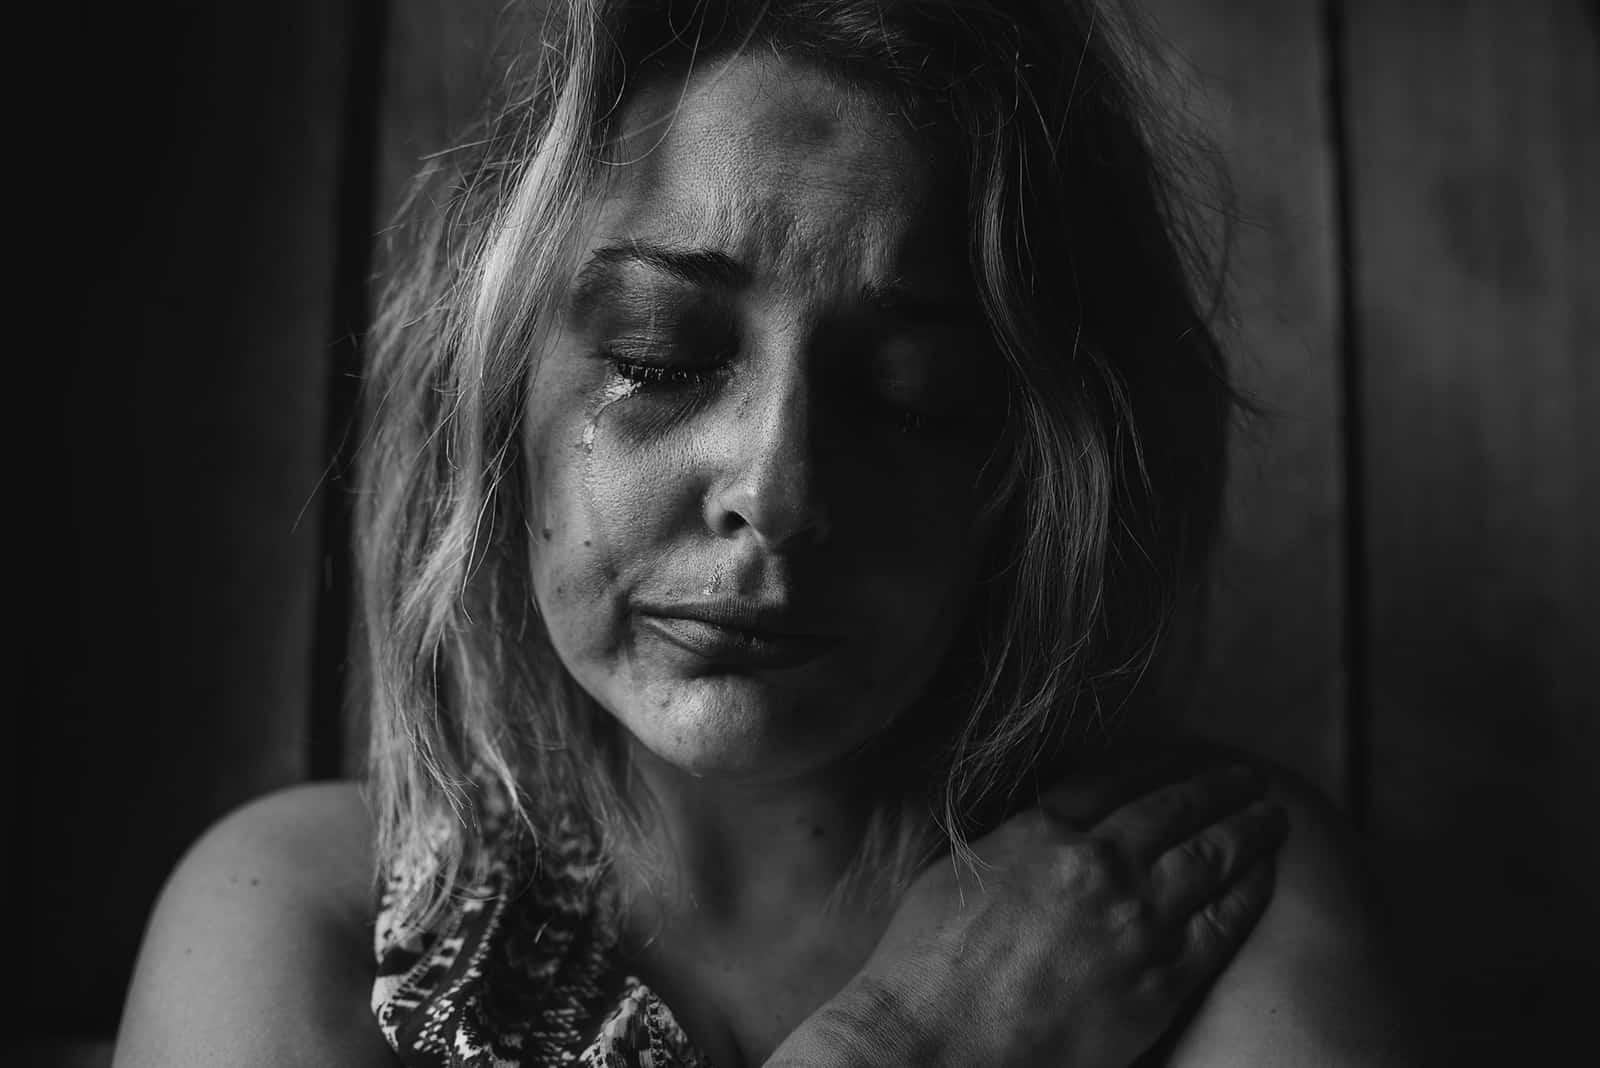 eine depressive Frau, die mit geschlossenen Augen weint